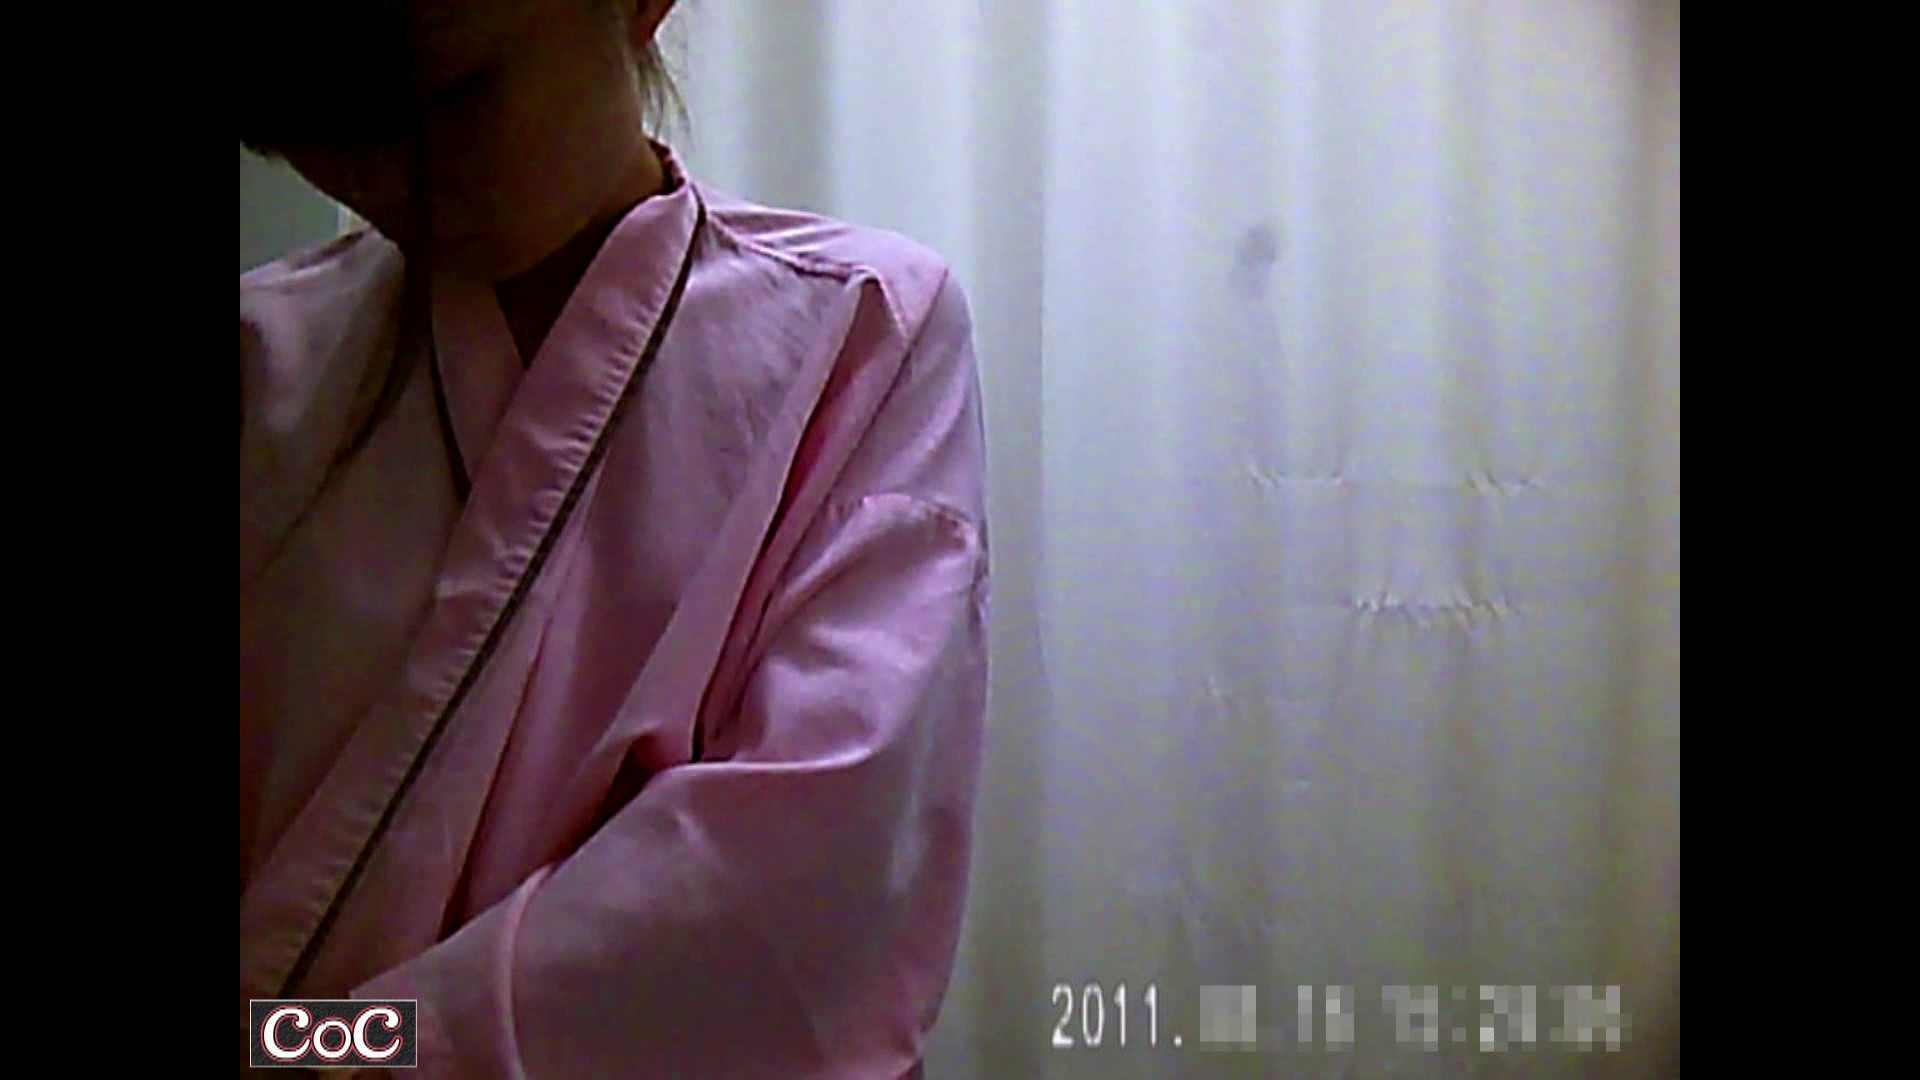 病院おもいっきり着替え! vol.16 着替え 盗み撮りオマンコ動画キャプチャ 87pic 12